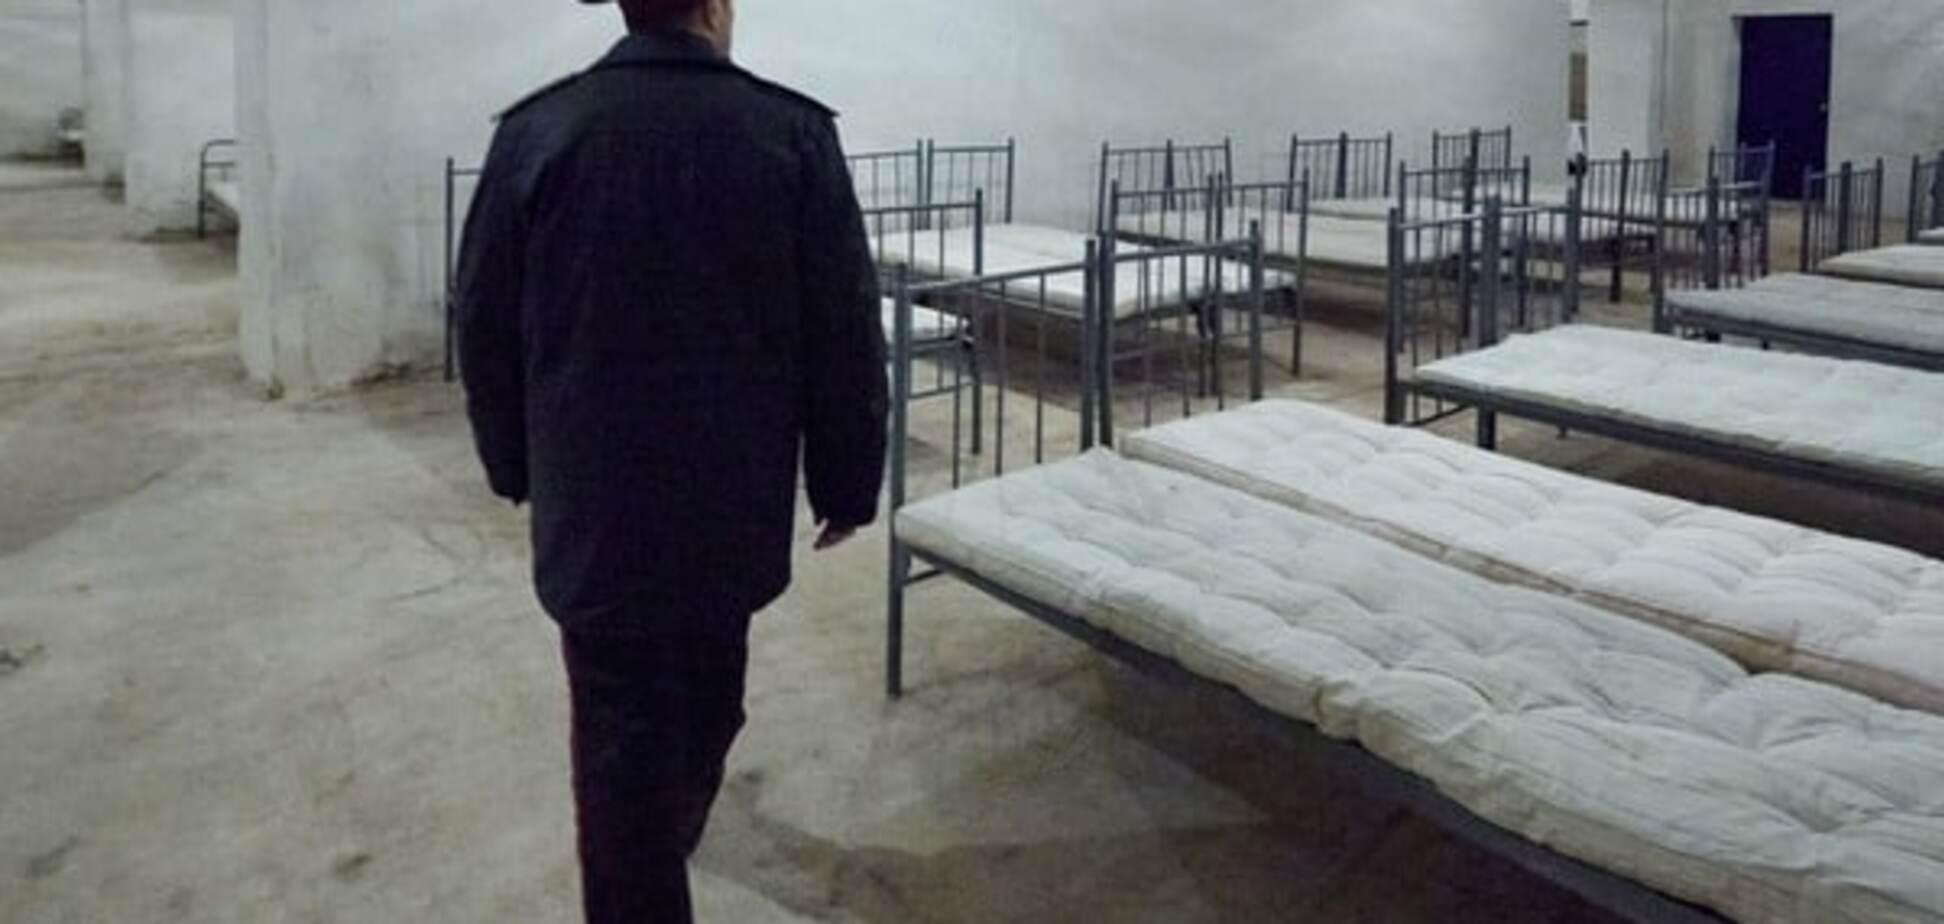 Зеки задоволені. 'Закон Савченко' може звільнити злодіїв і вбивць: інфографіка